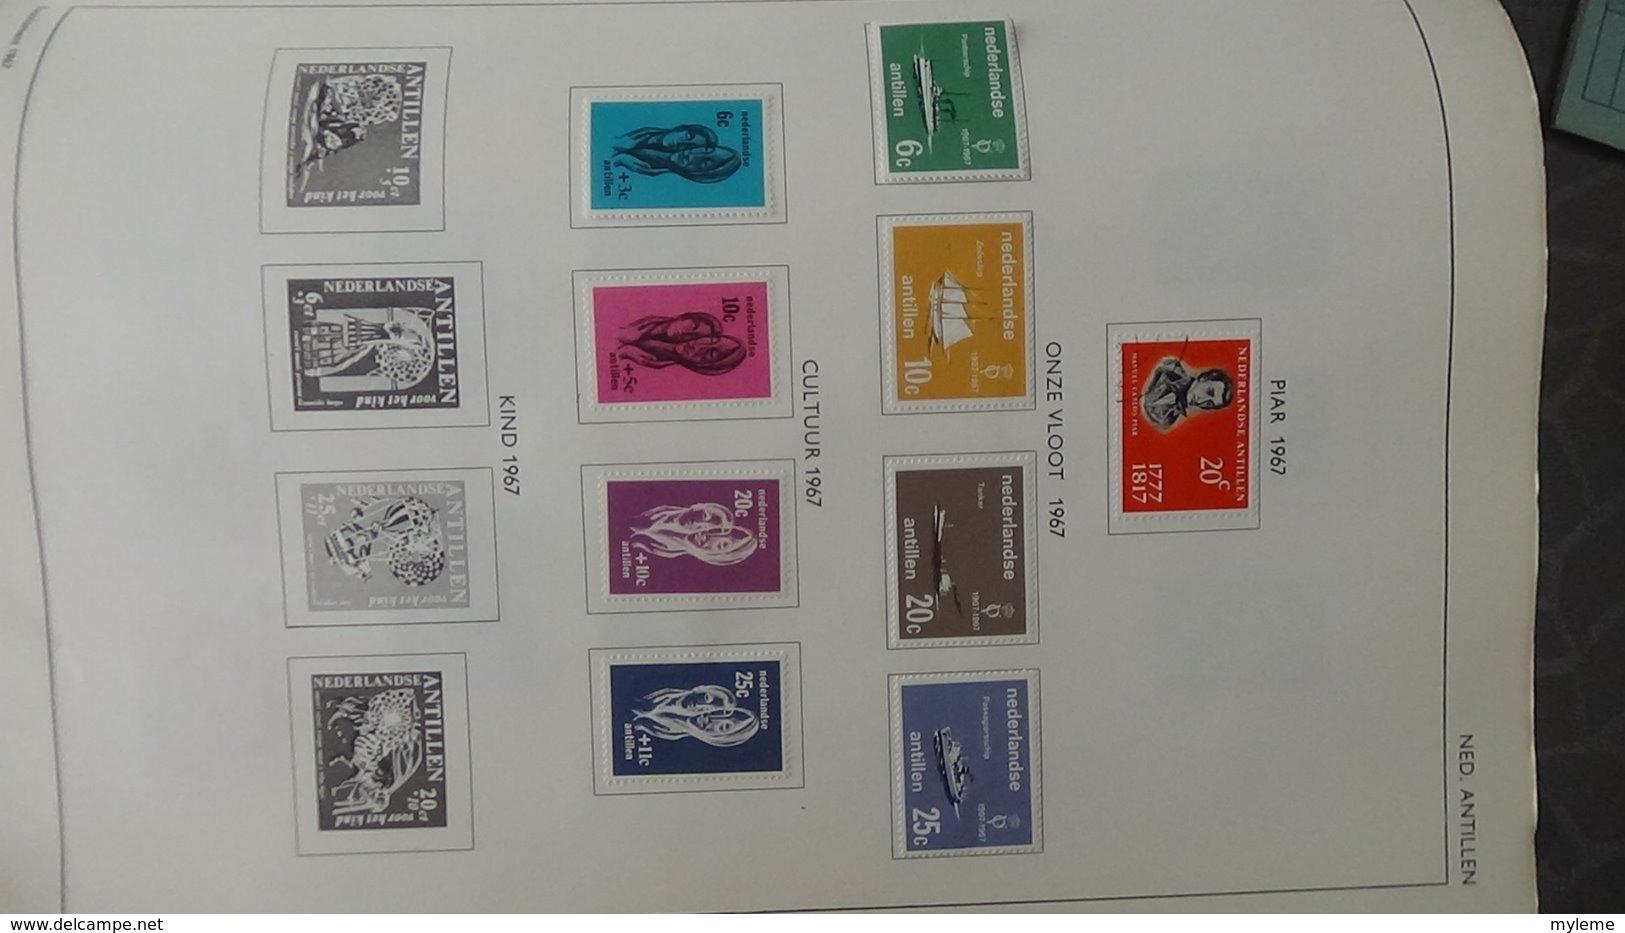 Belle Collection De HOLLANDE Dont Des Doubles Superposés. Idéal Pour Combler Des Thématiques. - Francobolli